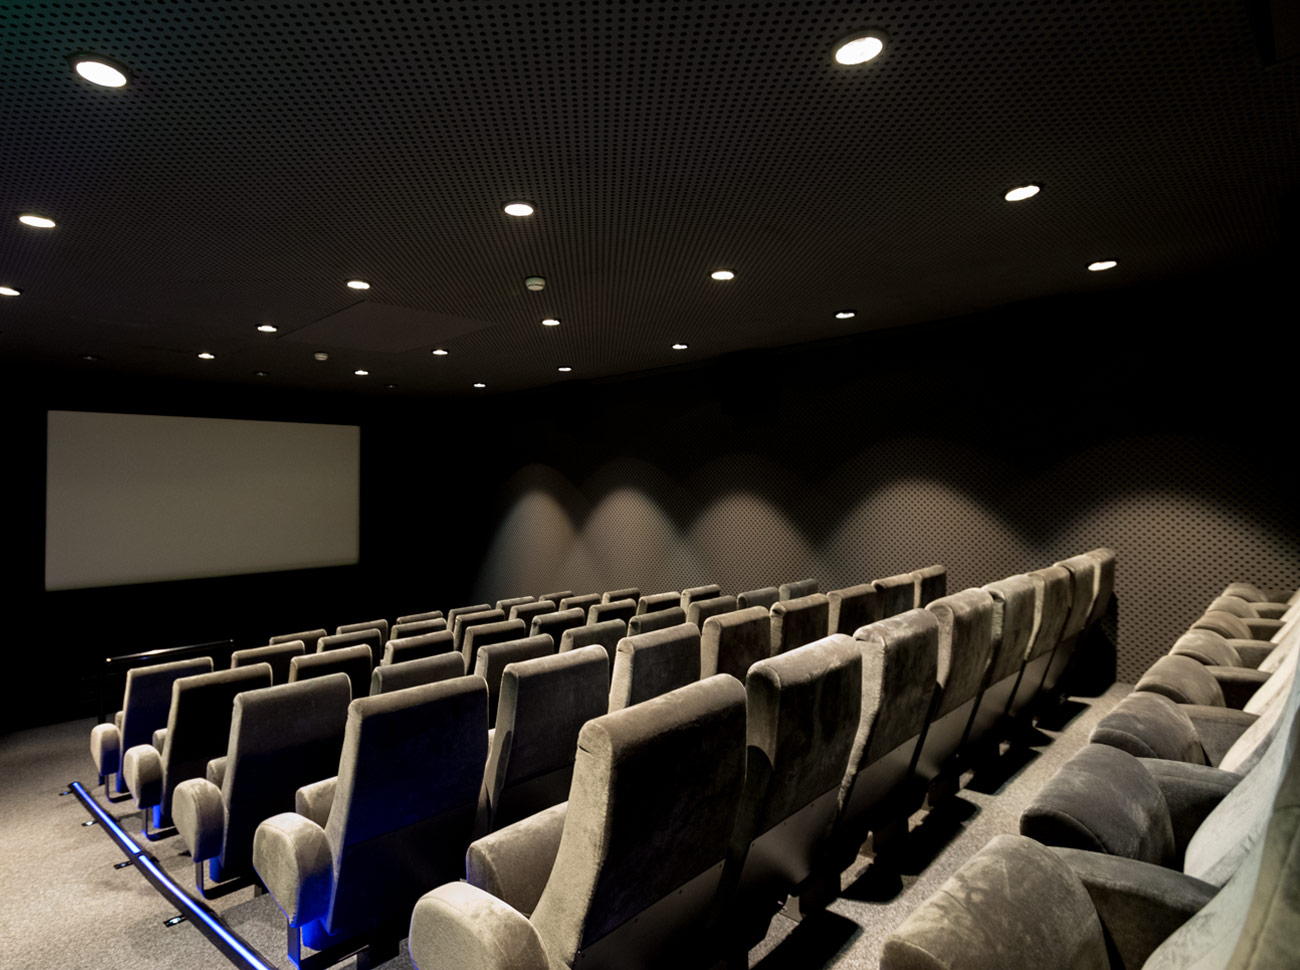 Loge Kinosaal 3